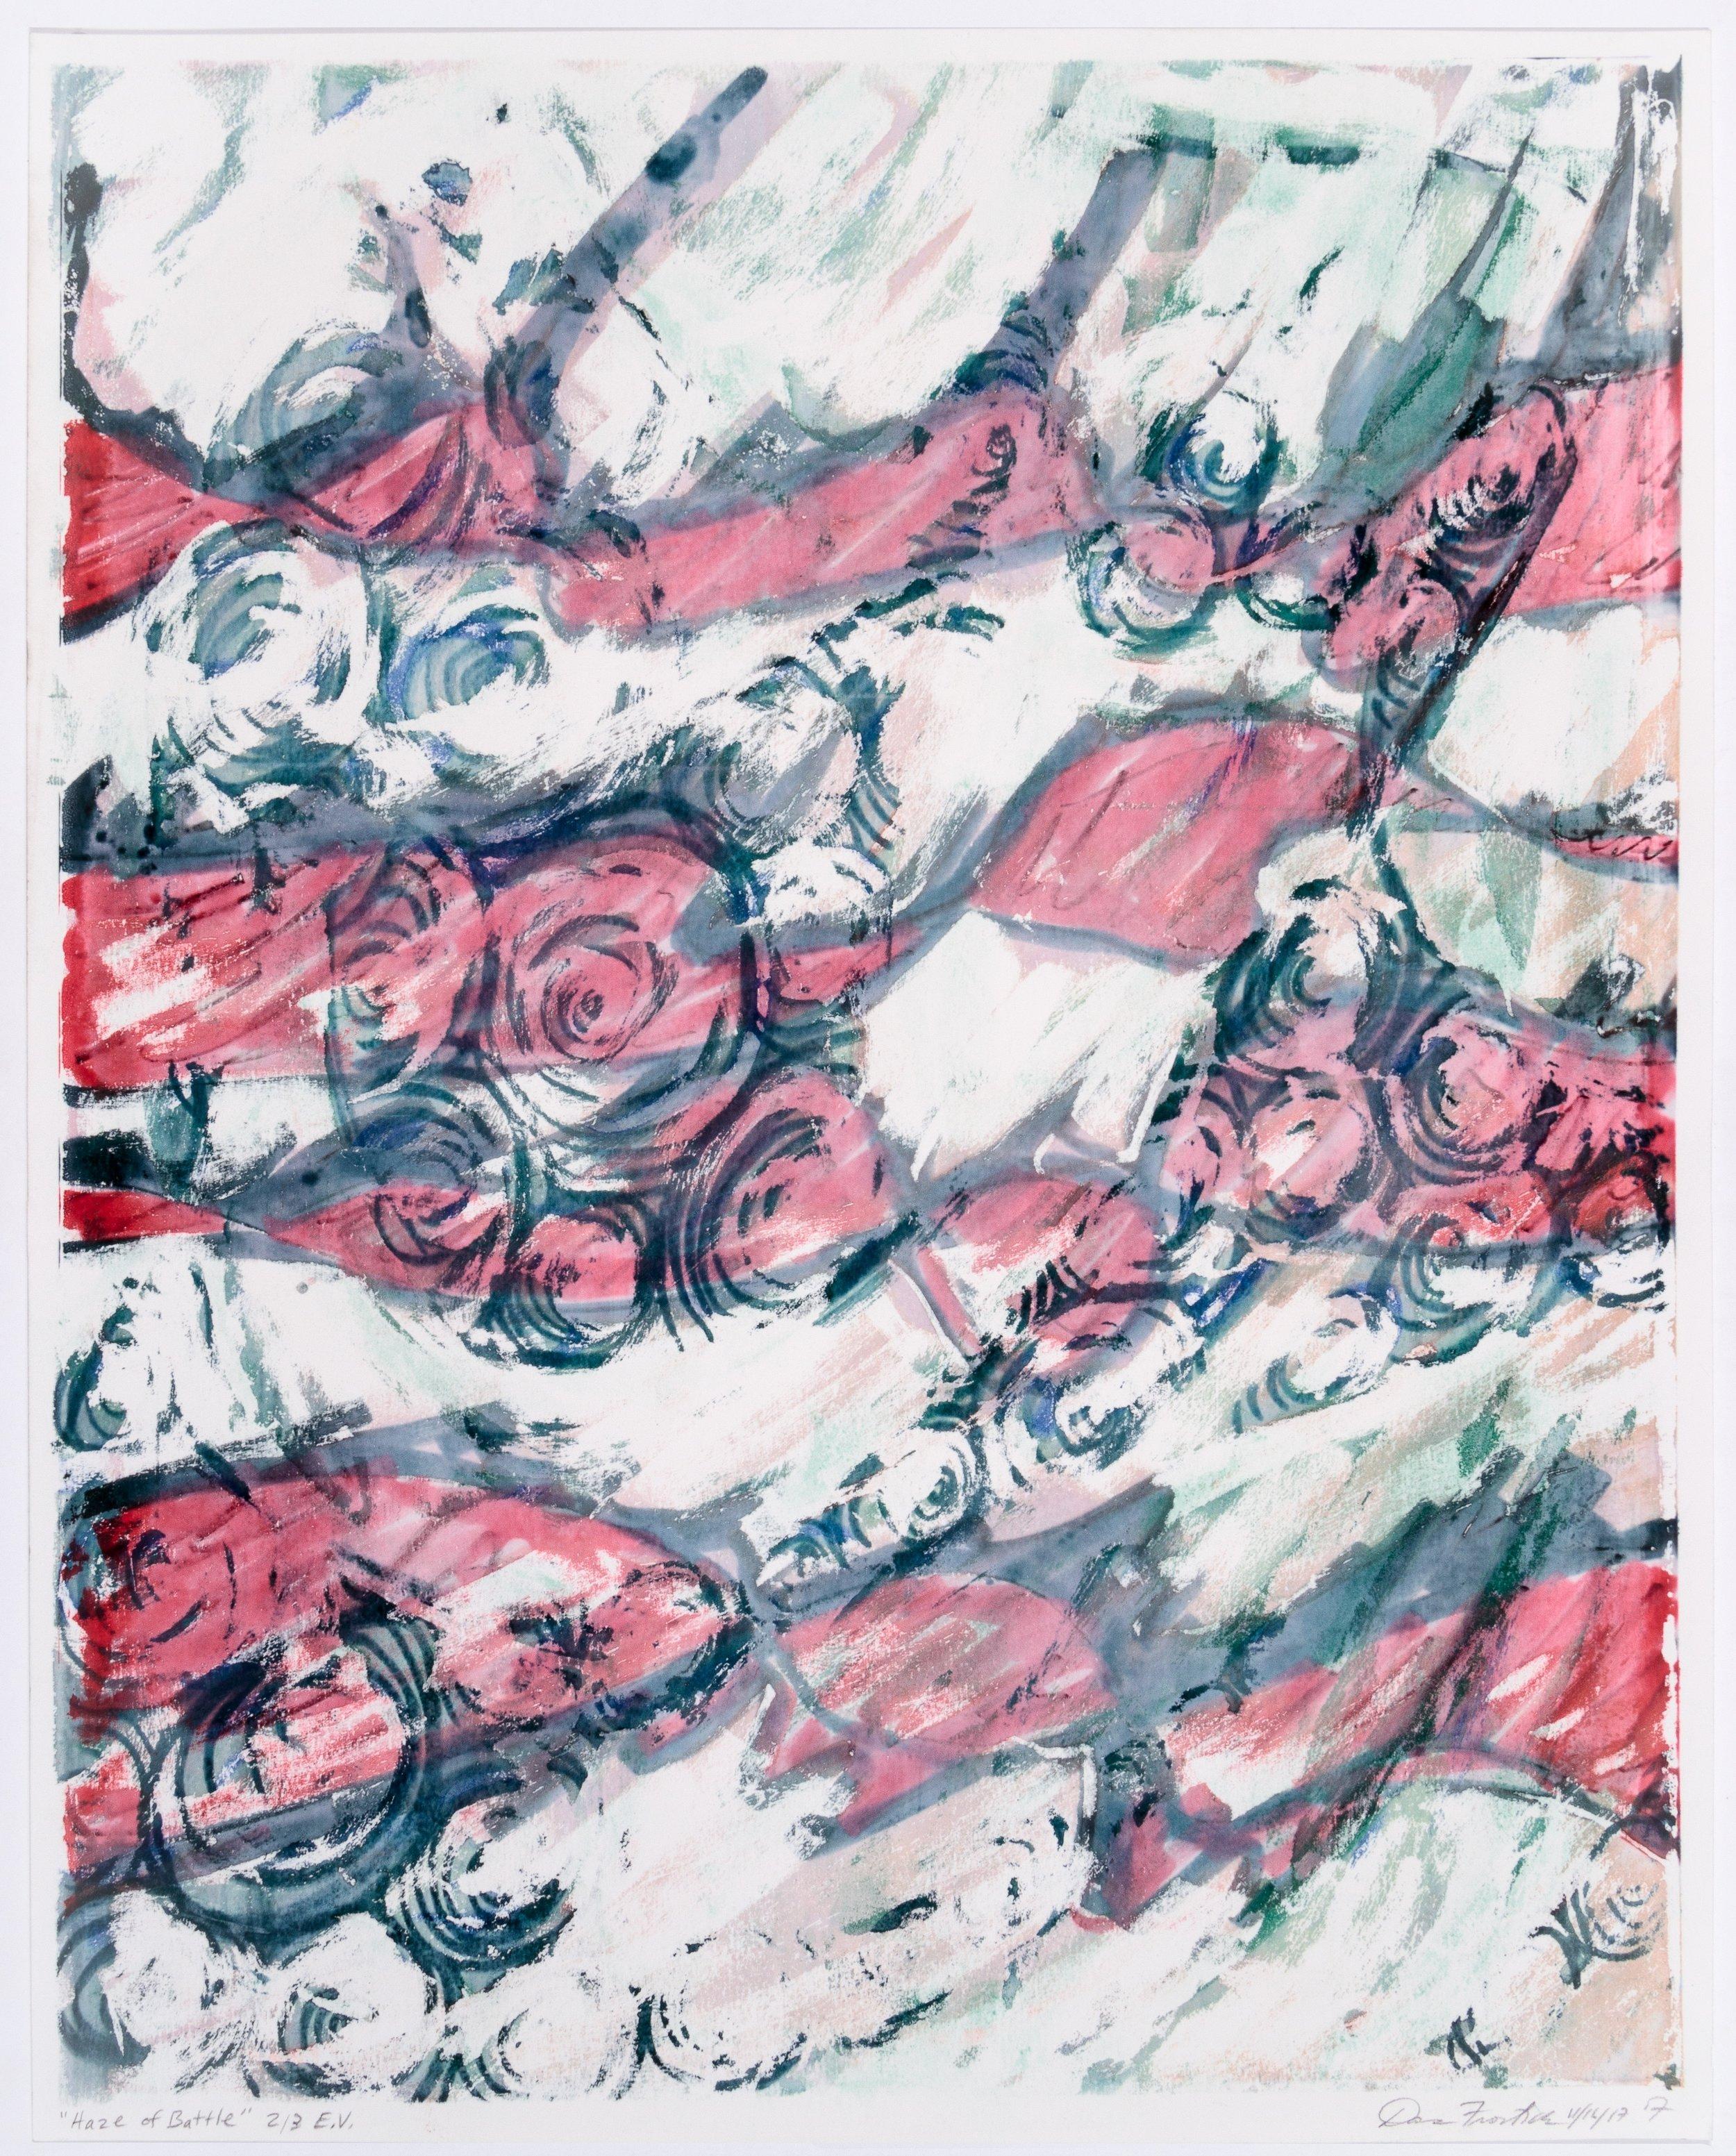 Dana Frostick, Haze of Battle, Monoprint, 20 x 16 in., $95 (1).jpg